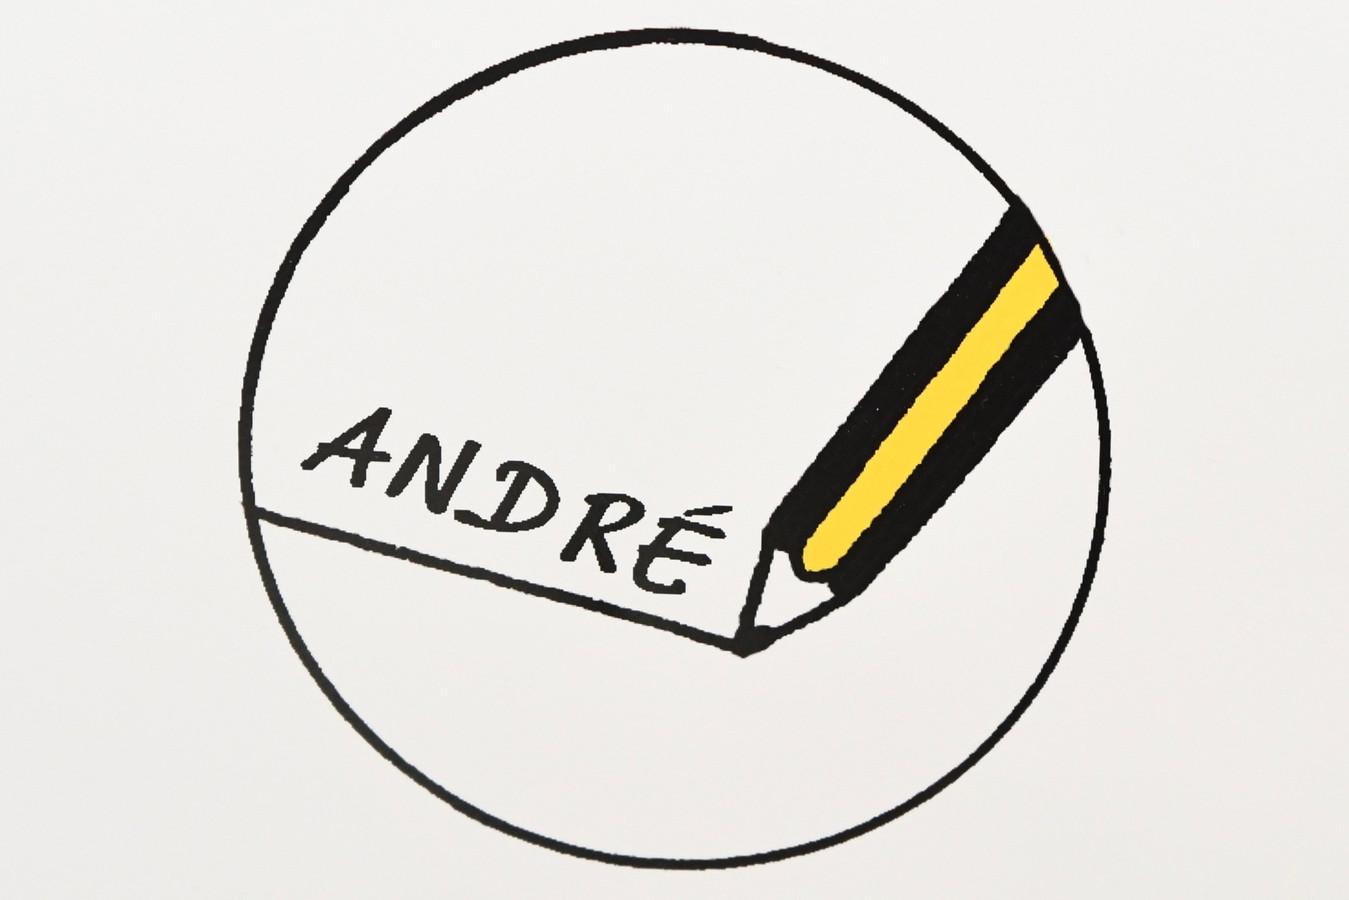 De muselets hebben allemaal een link naar de ereburger, voor André Nollet is dat een potlood